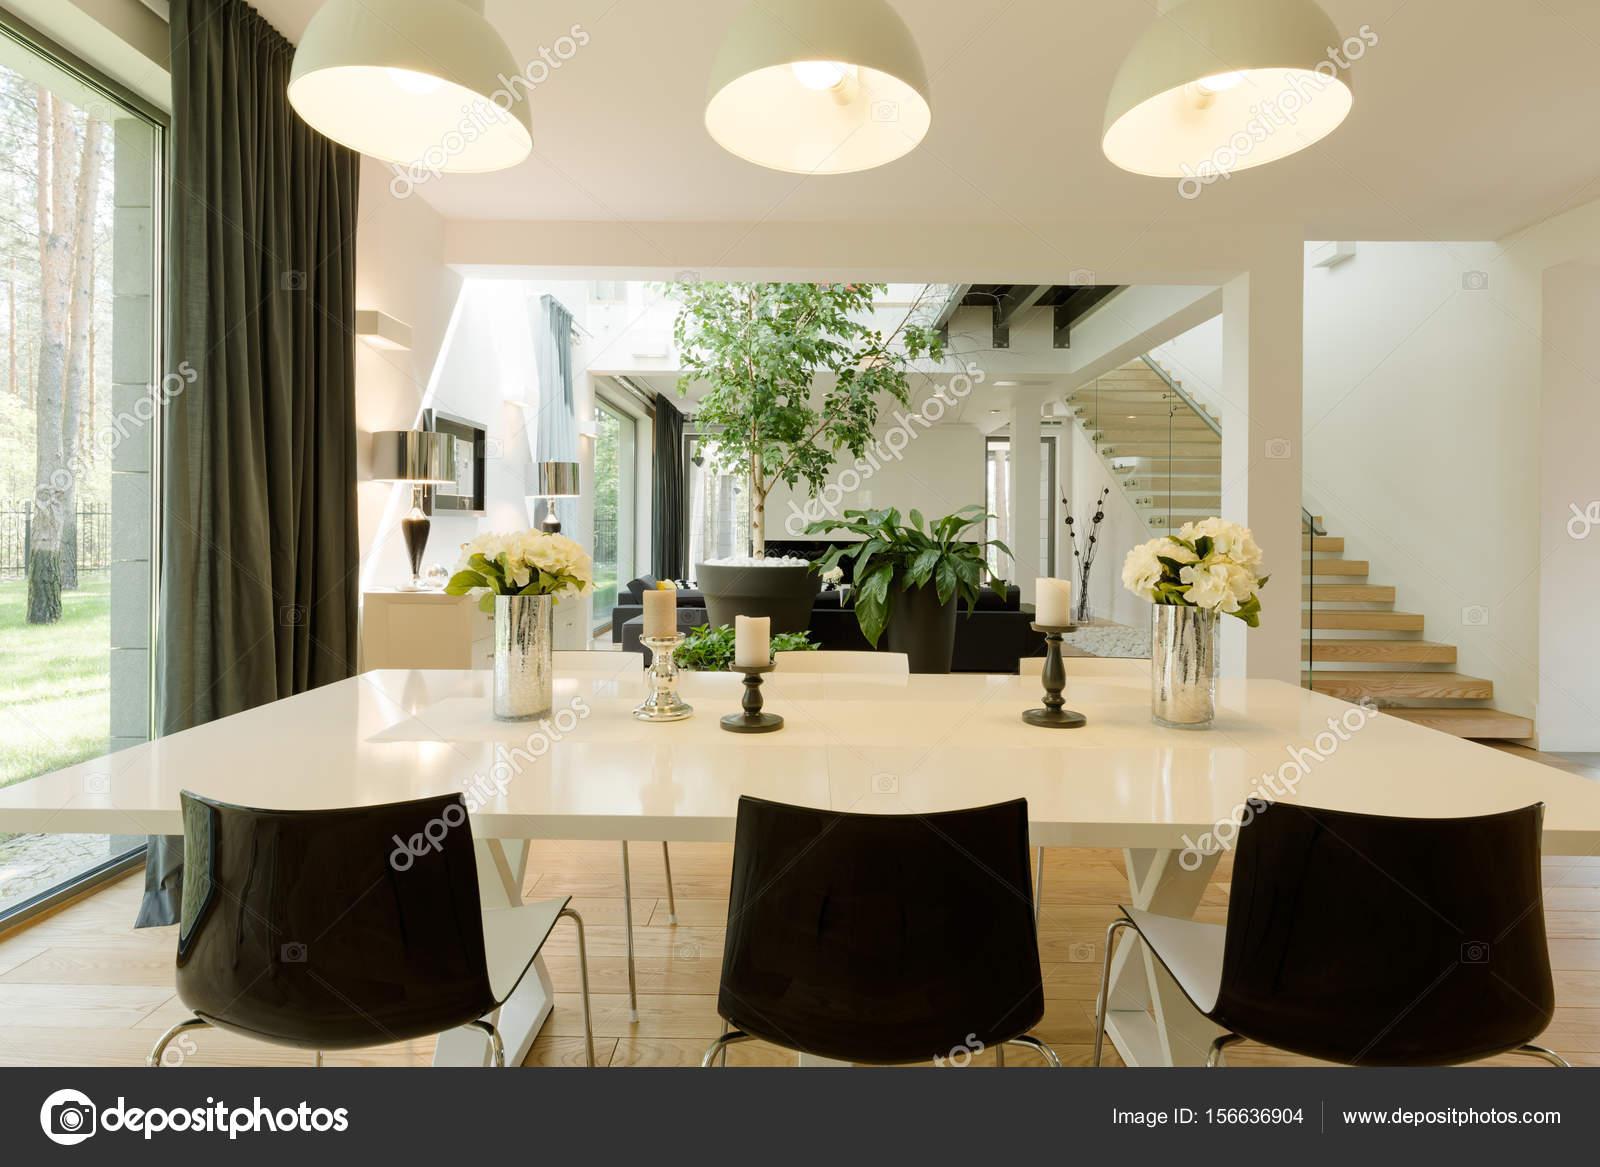 Moderno comedor una mesa grande de la bruja — Fotos de Stock ...